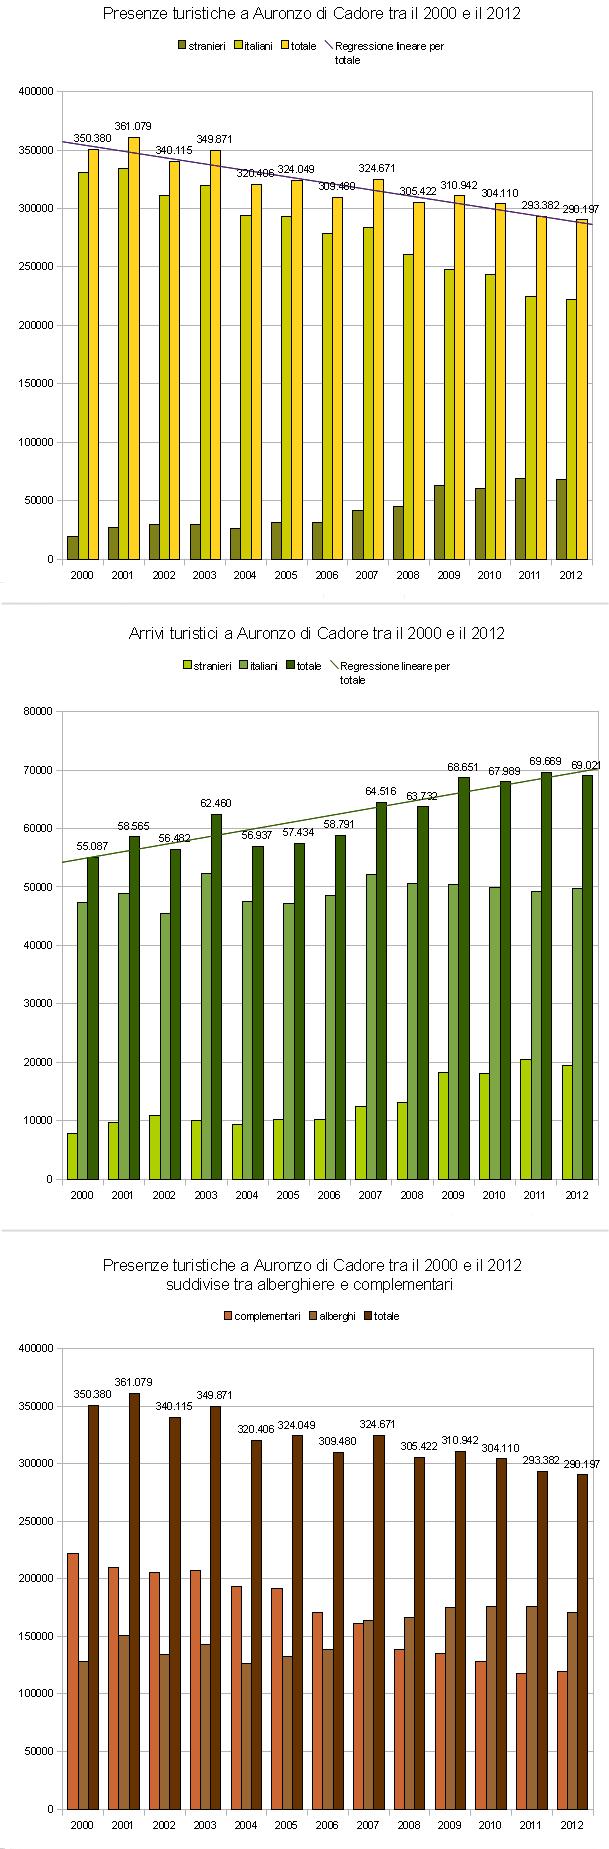 presenze, arrivi e tipologia di accoglienza ad Auronzo di Cadore (2000-2012)